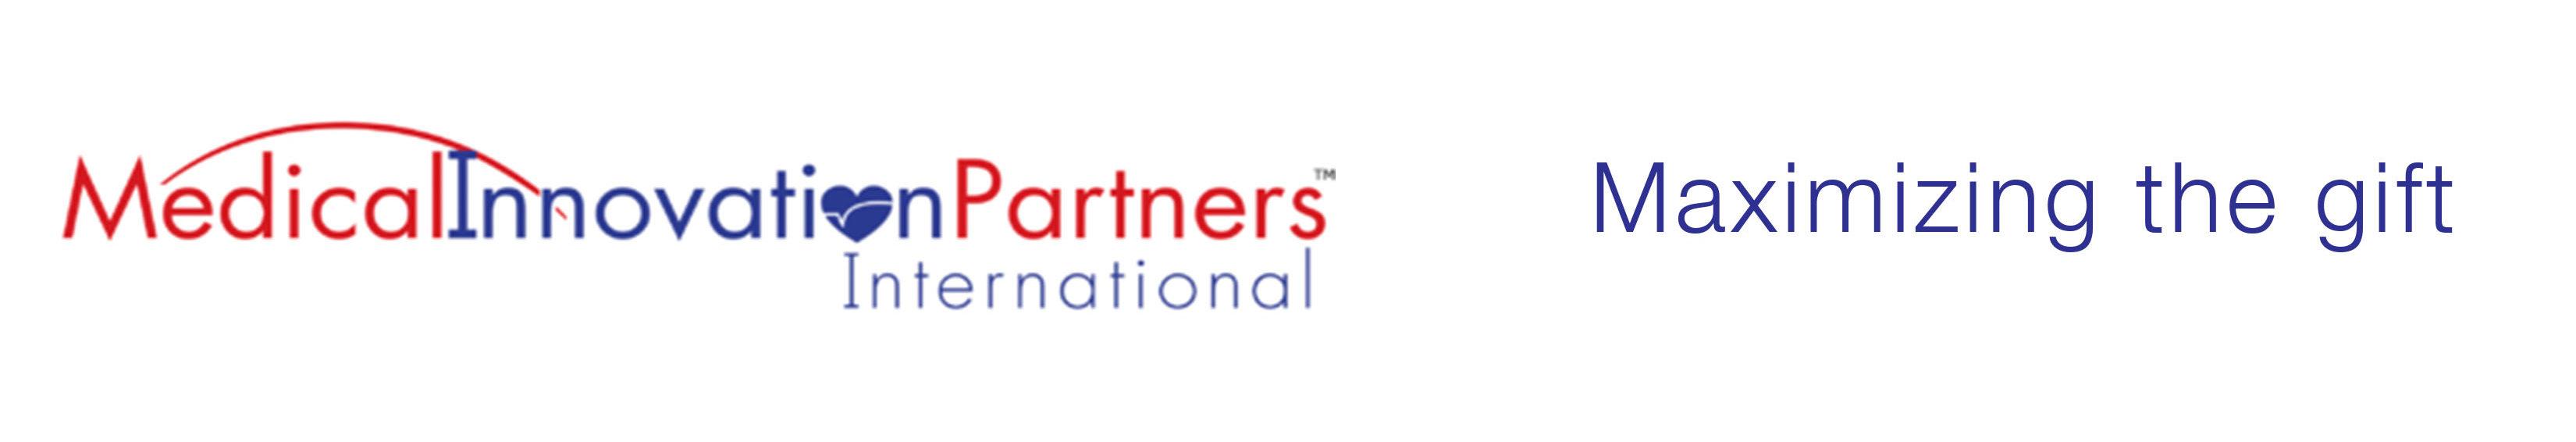 Medical Innovation Partners International